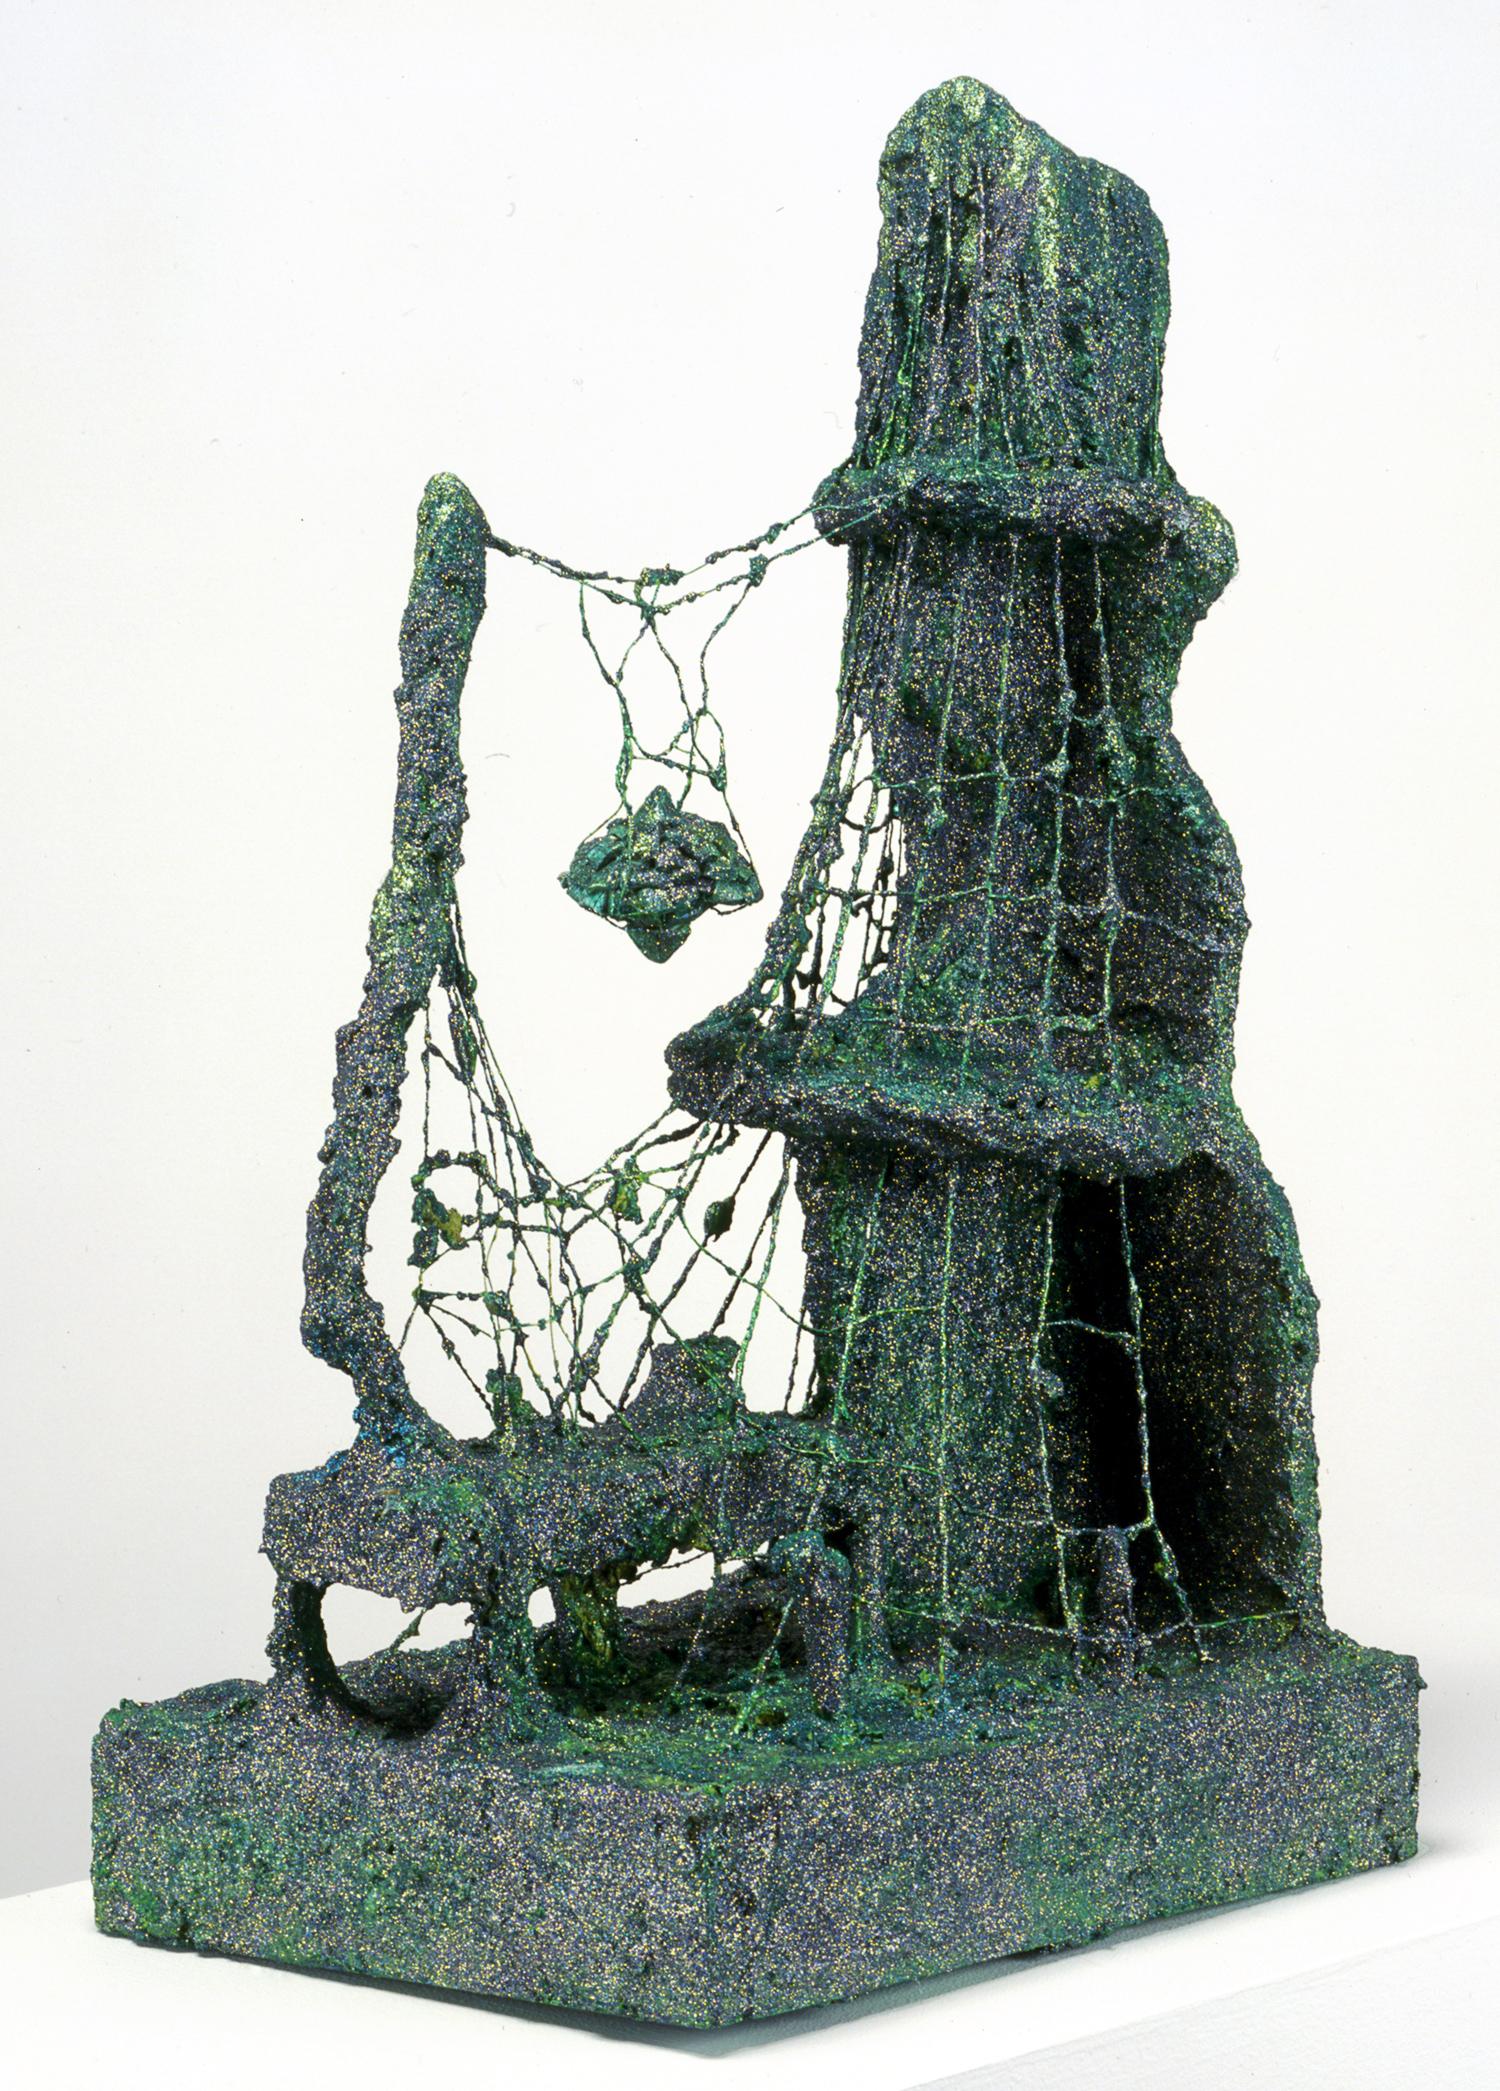 Rigging, 2002